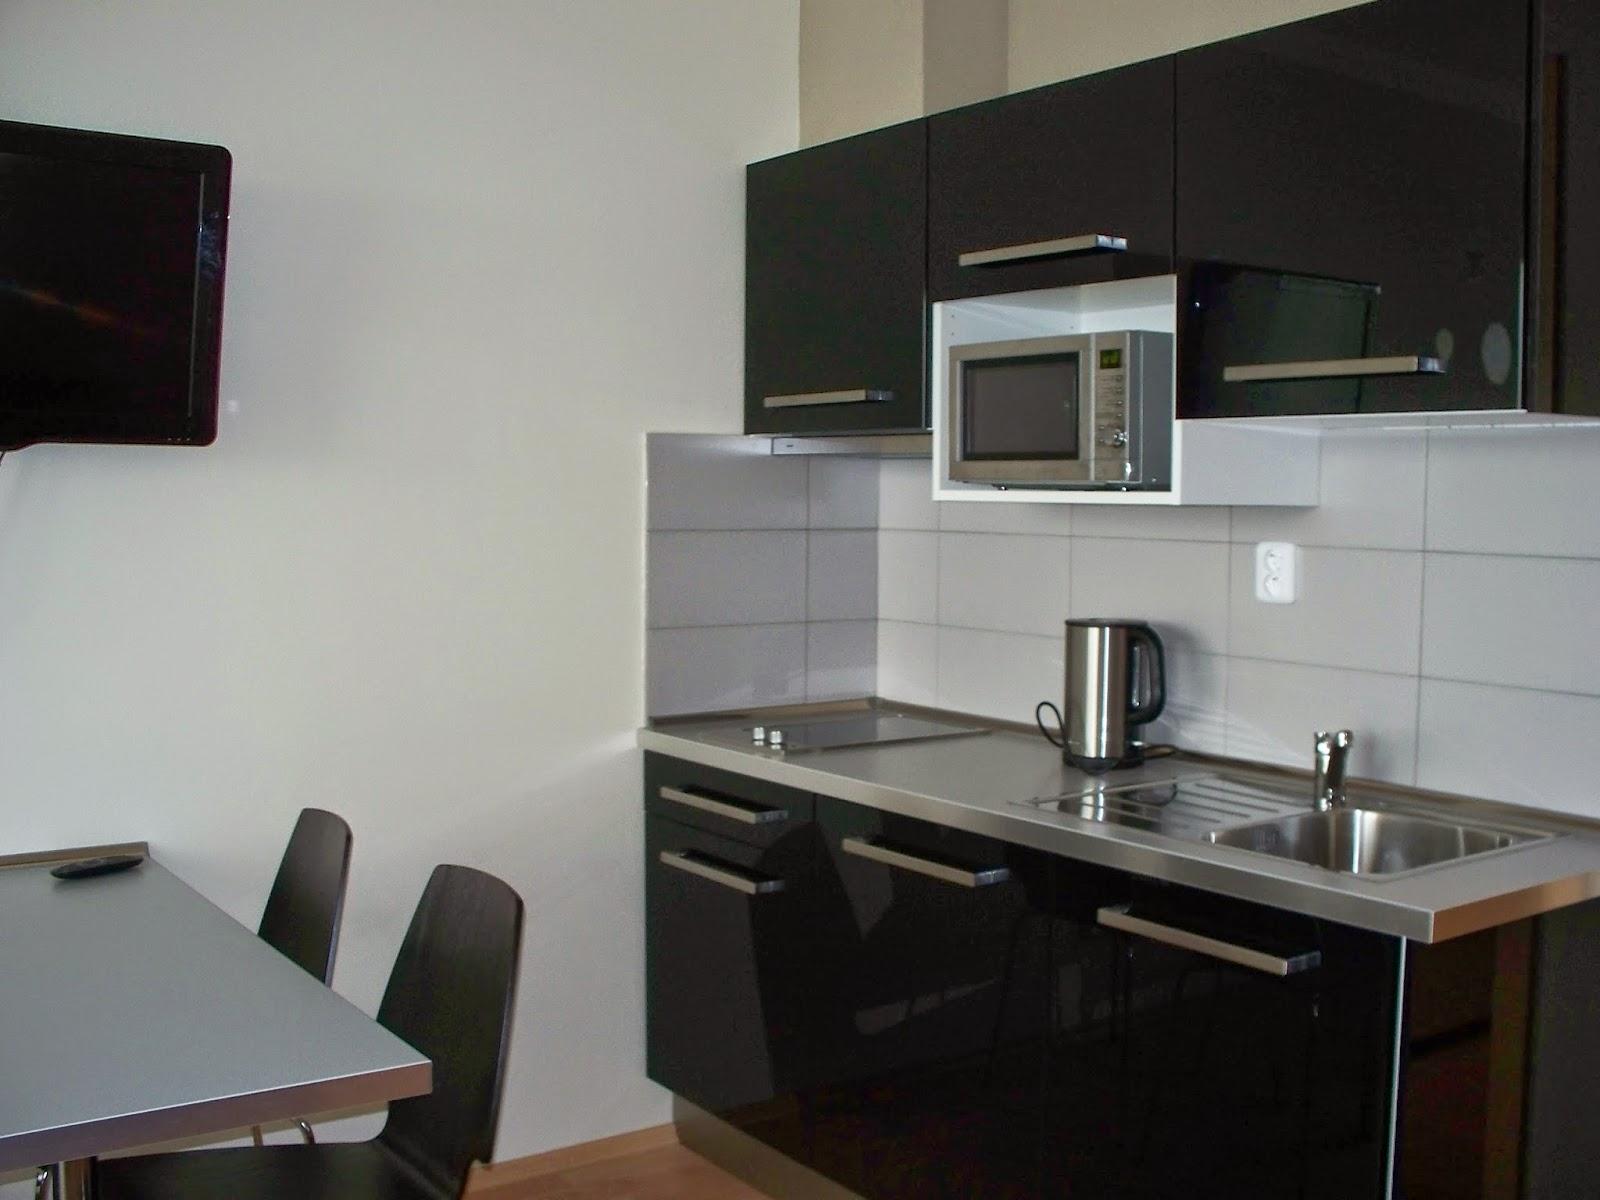 Kuchyňka se základním příslušenstvím (varná konvice, mikrovlná trouba)